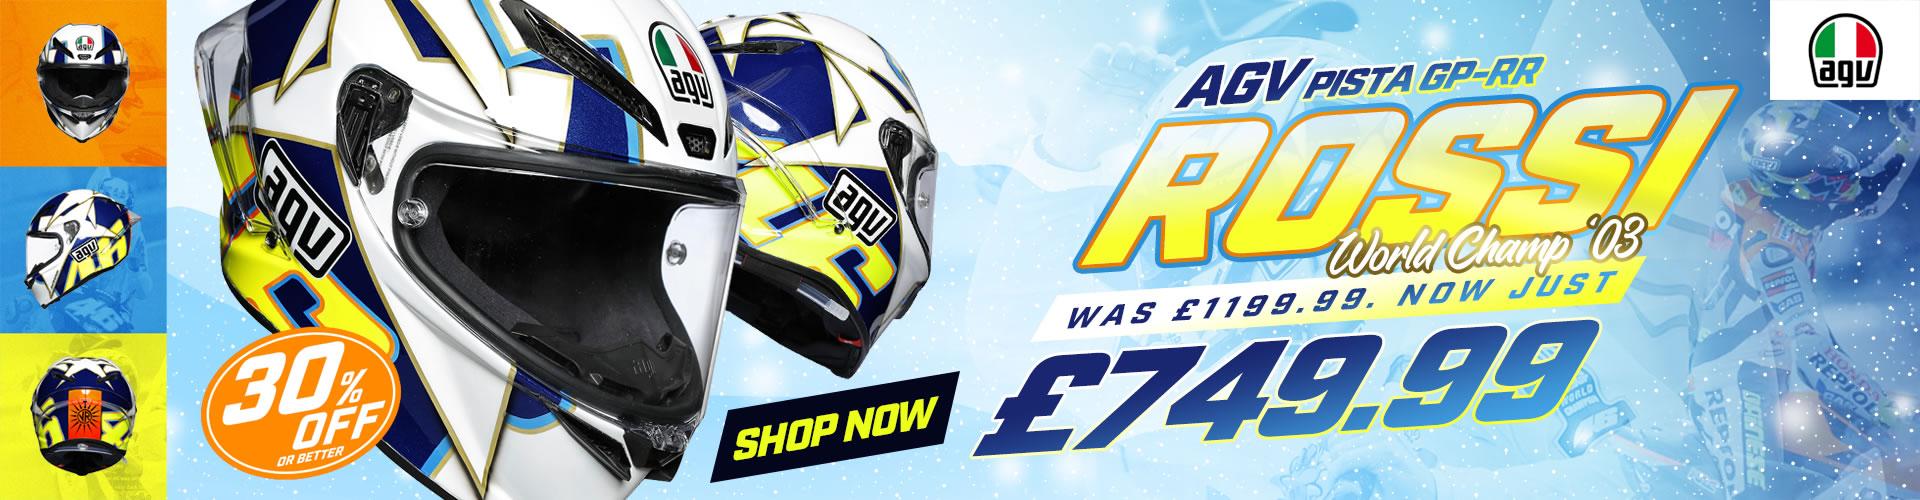 AGV Pista GP-RR - Rossi World Champ Sale